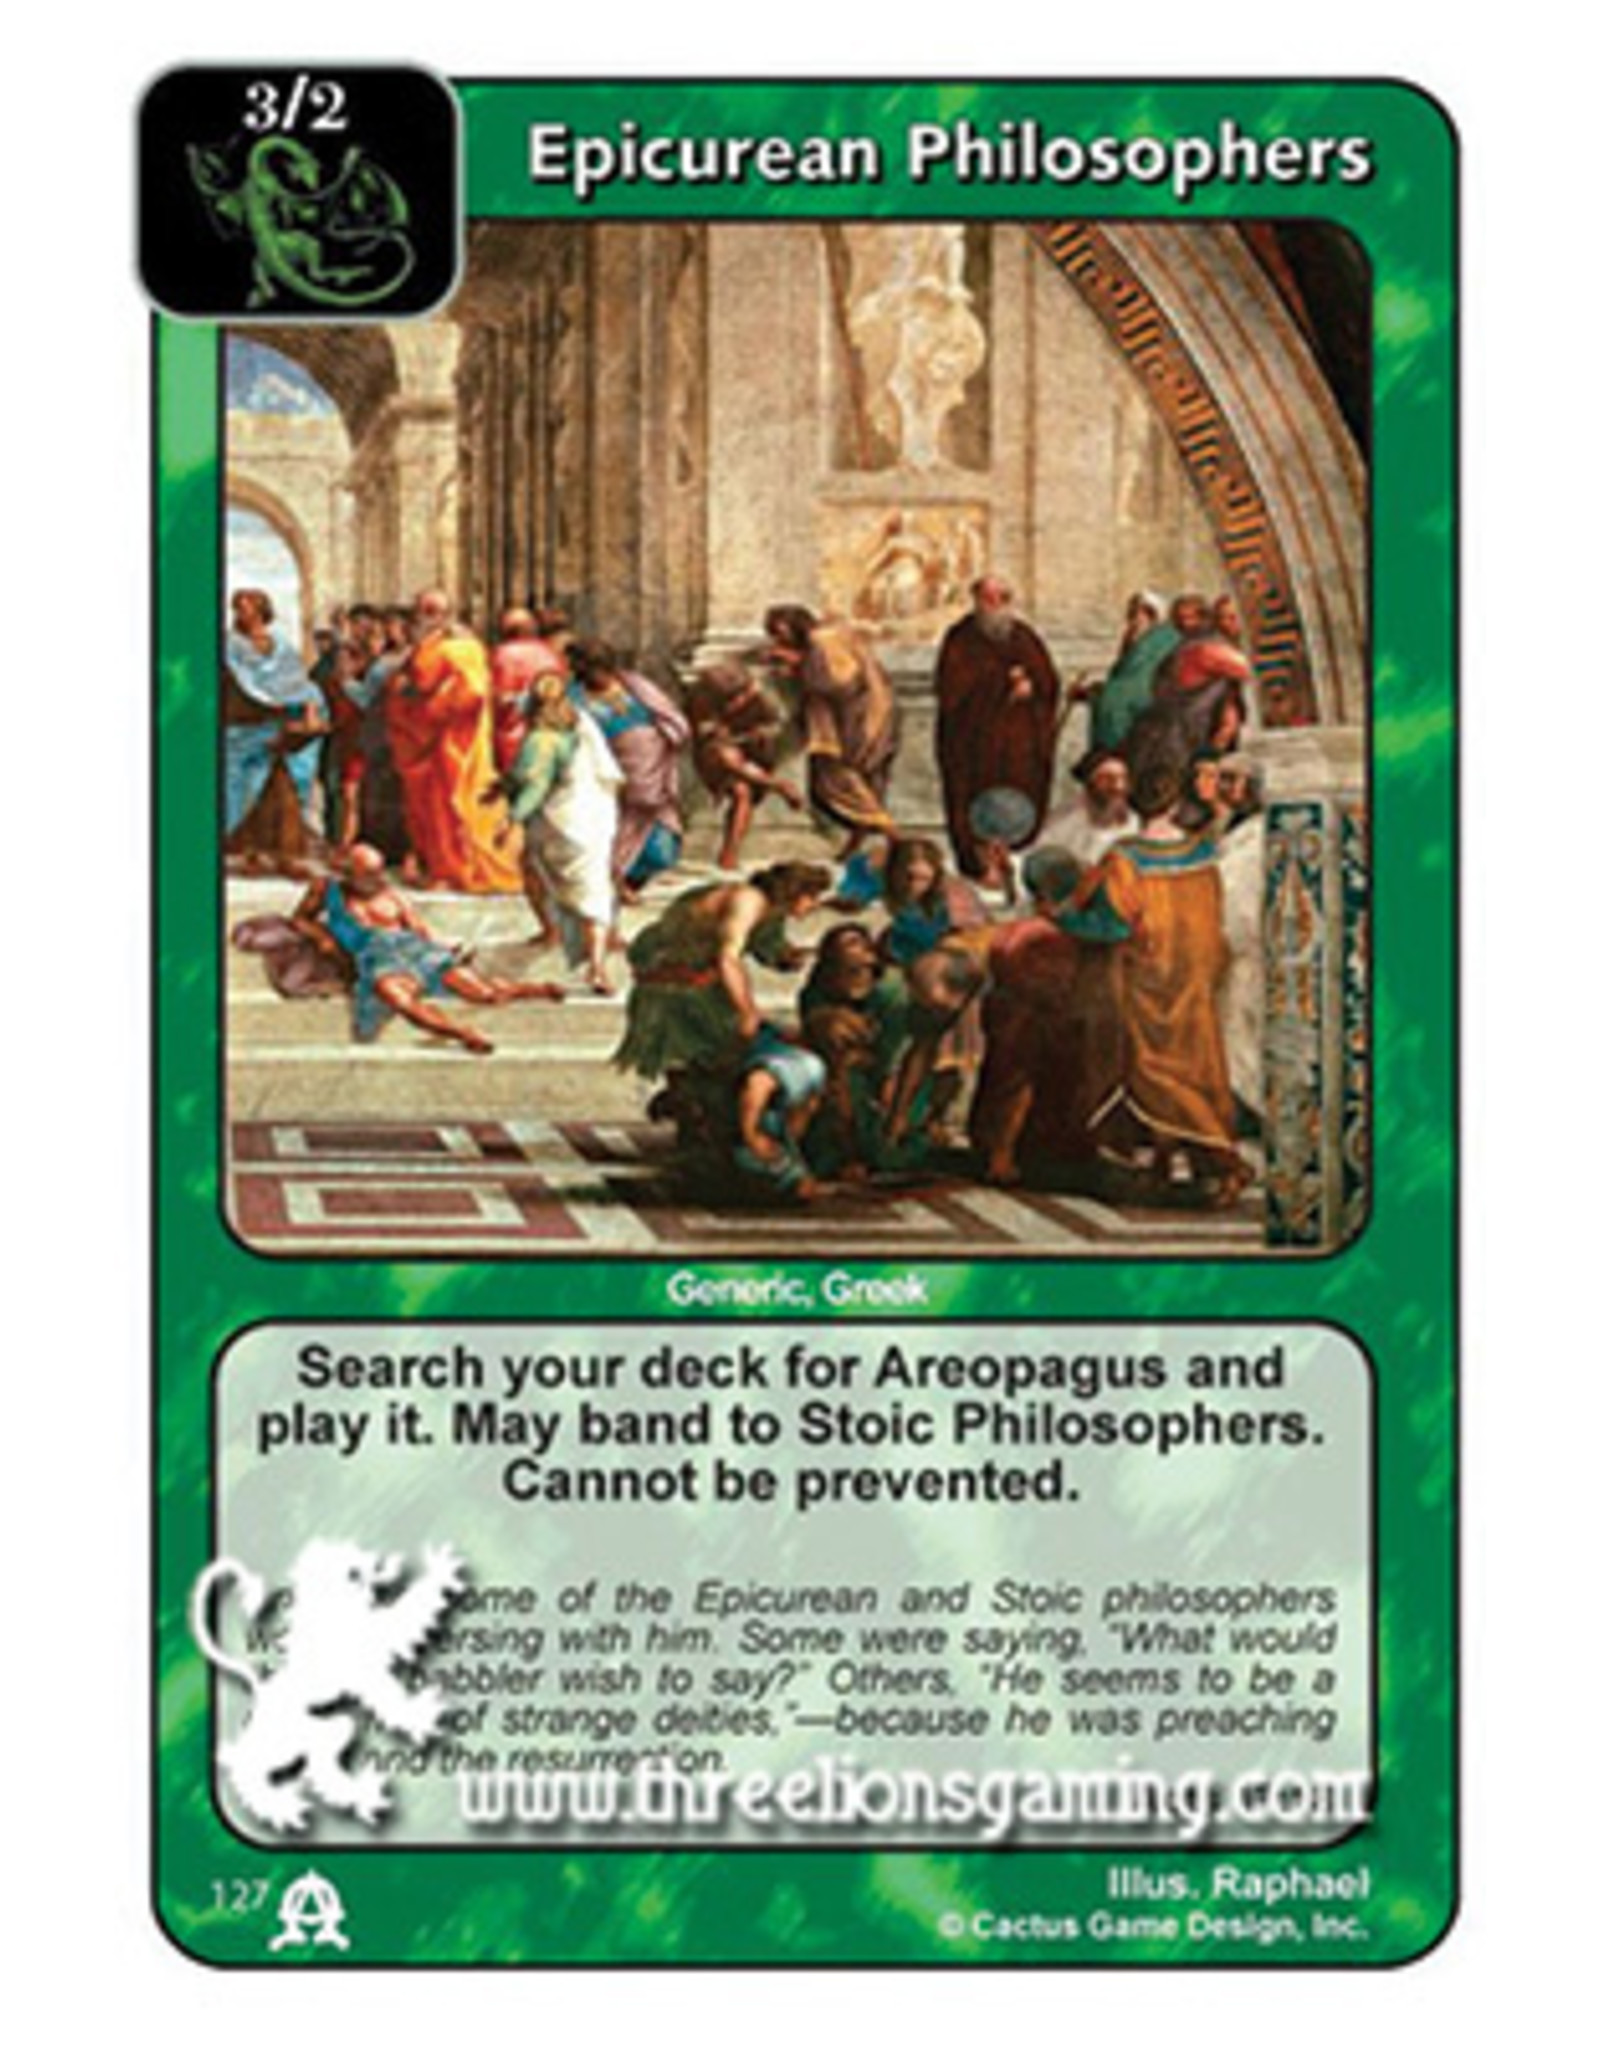 EC: Epicurean Philosophers